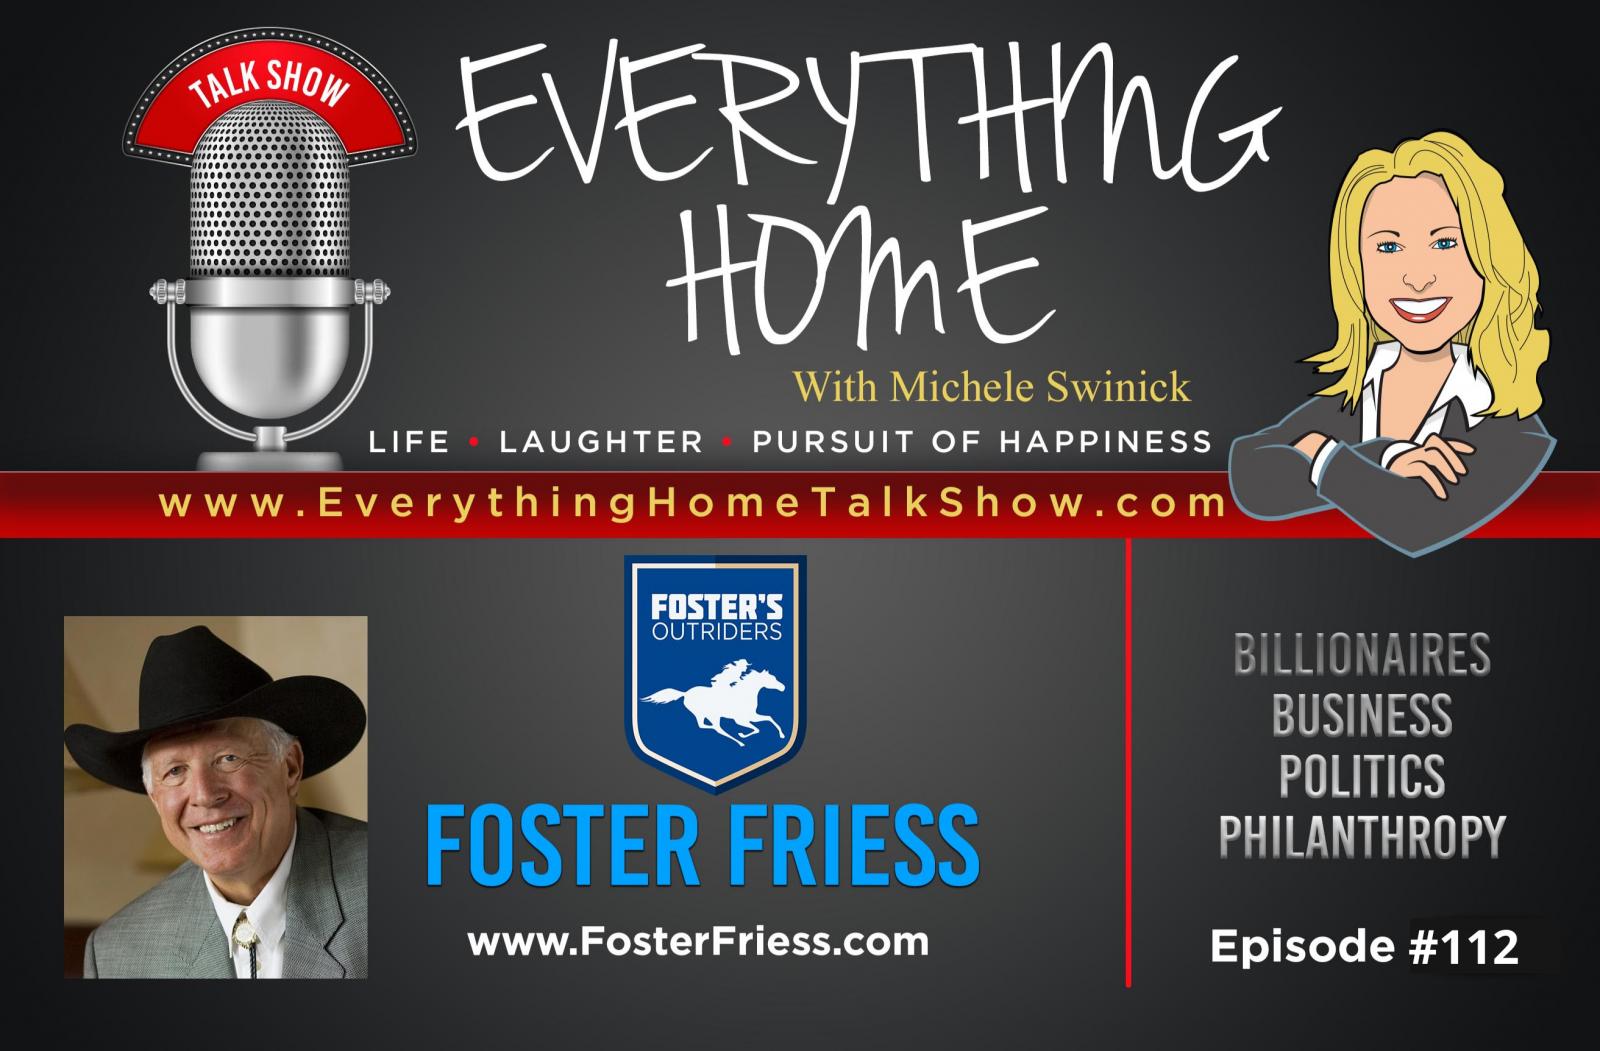 #112 - Billionaire Philanthropist & Businessman Foster Friess - An Inspirational Interview